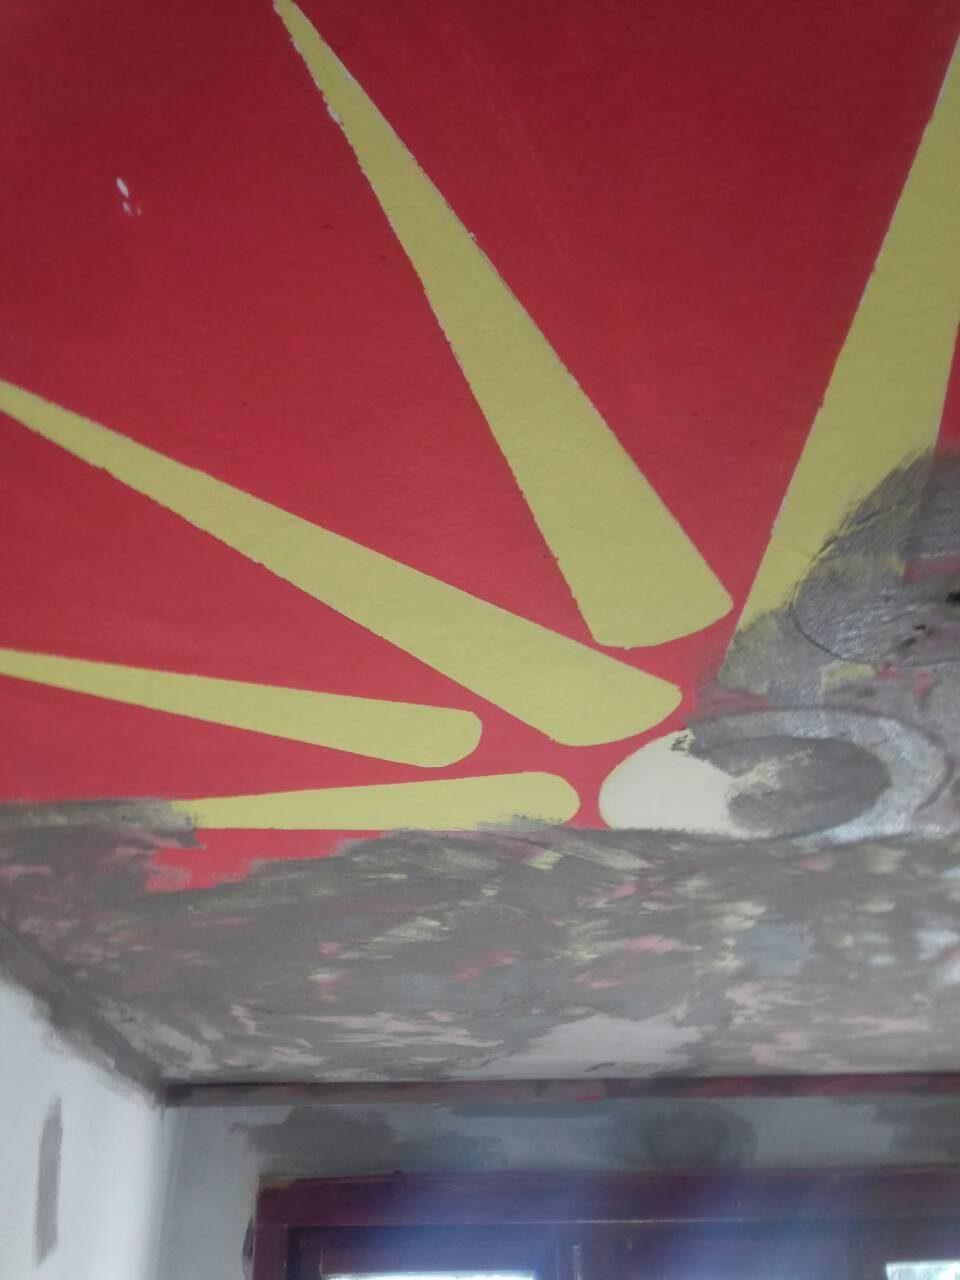 СДСМ брише се што е македонско: Дарио Николовски наредил бојадисување на два цртежа од студентскиот дом Кузман (ФОТО)